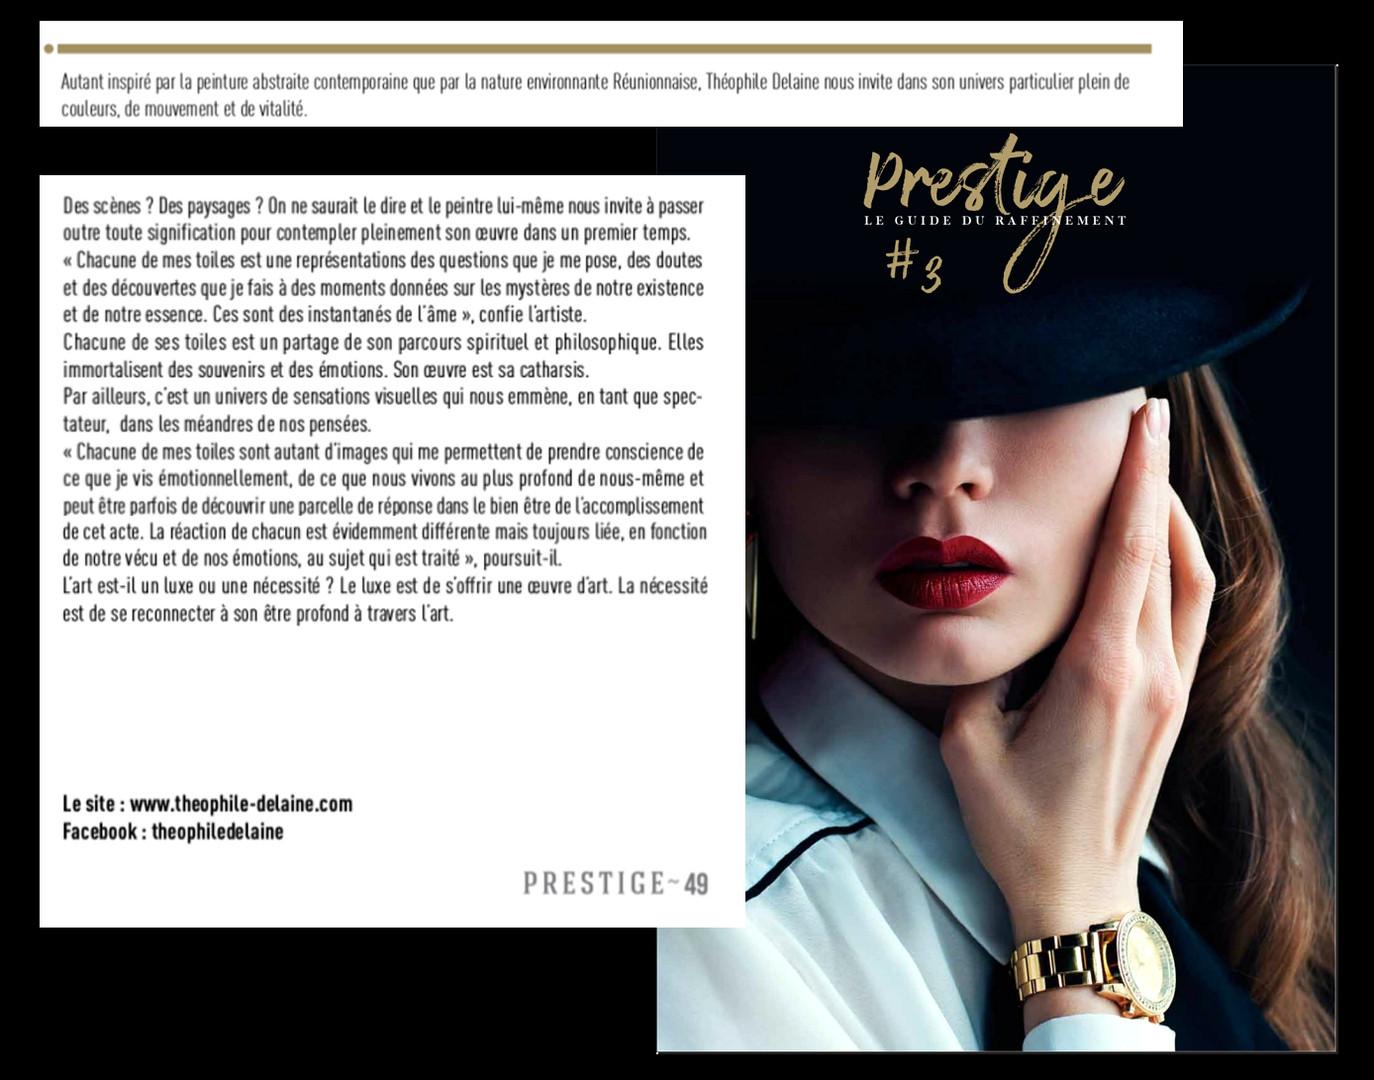 Prestige#3